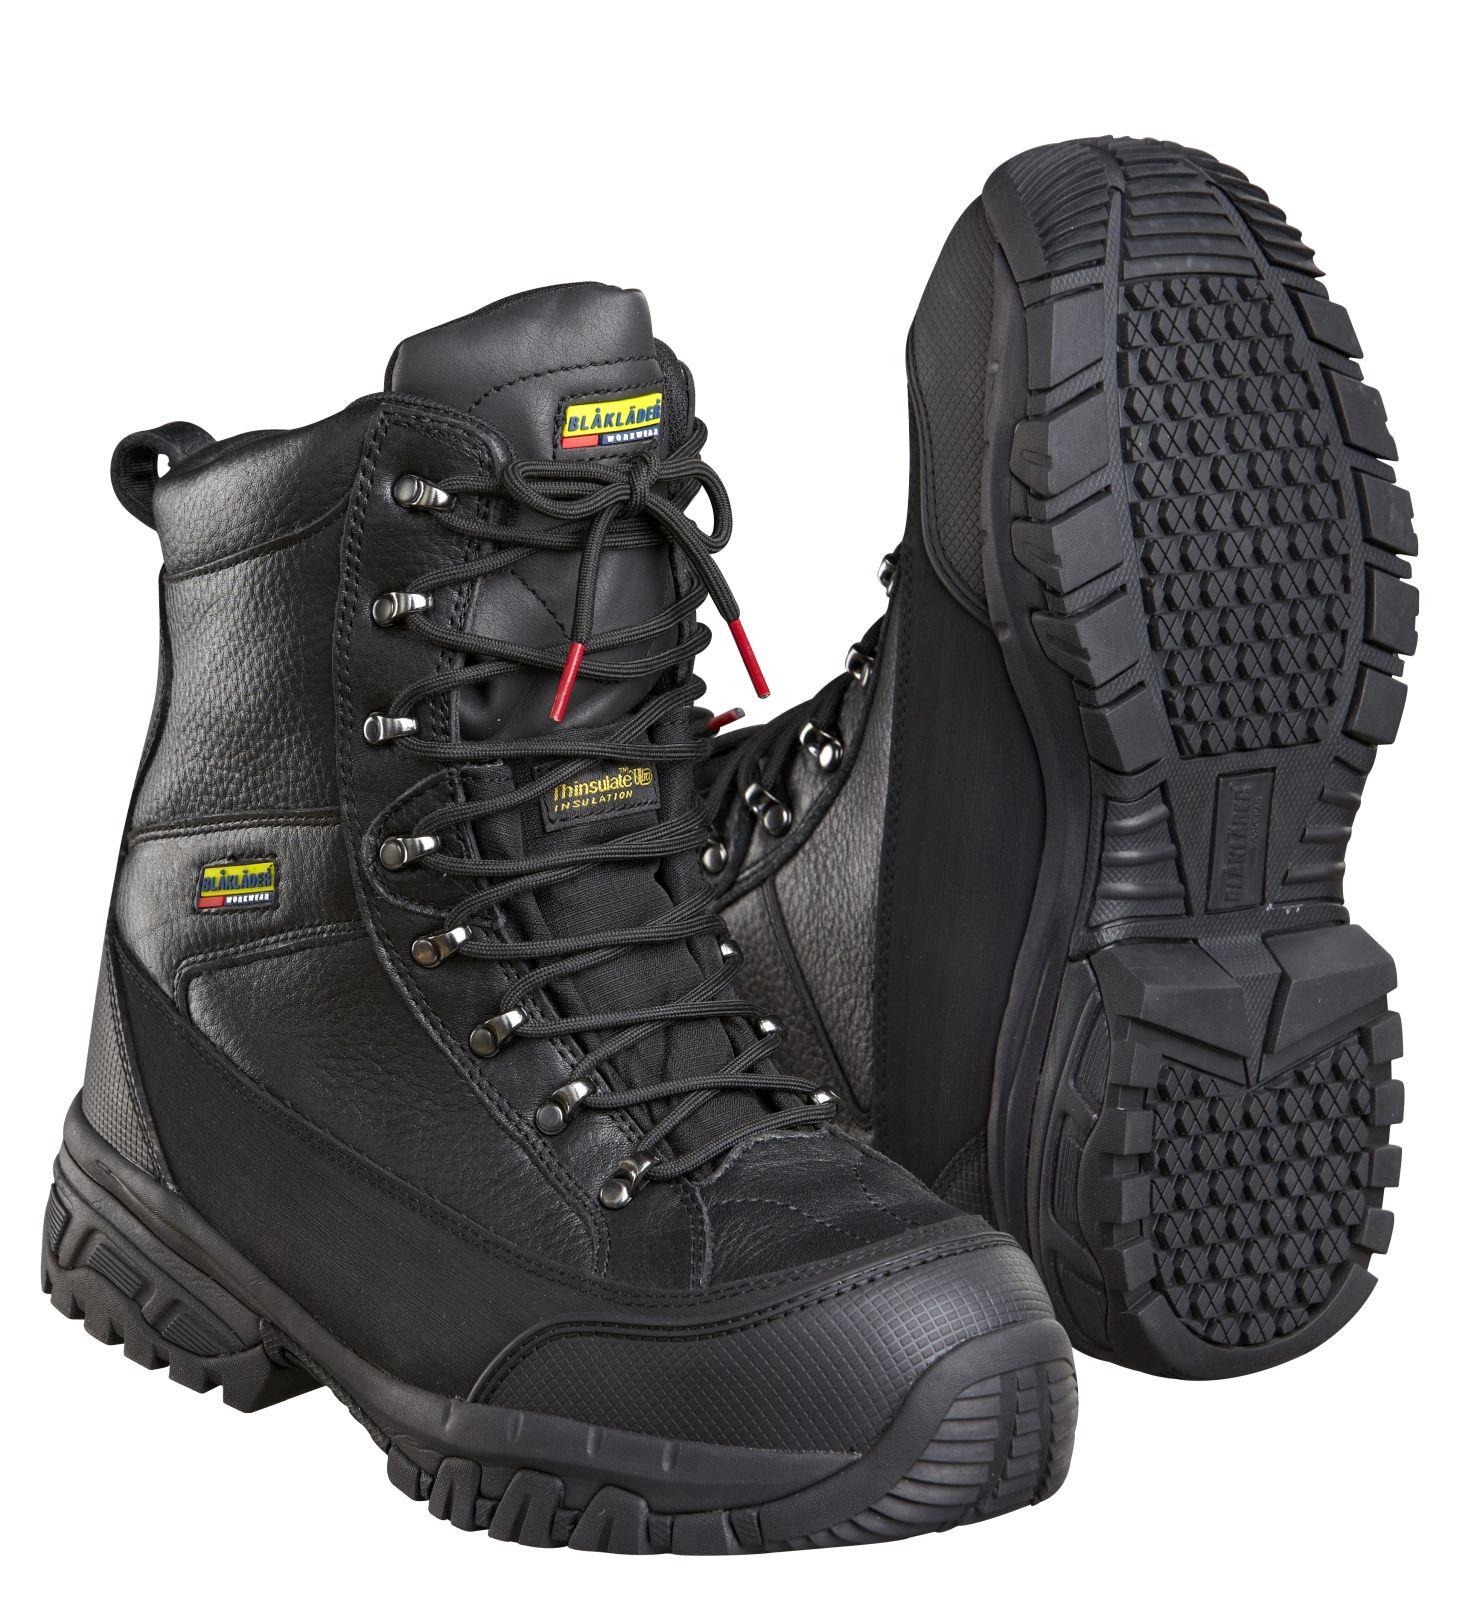 Blaklader Veiligheidslaarzen Winter 24473905 zwart(9900)